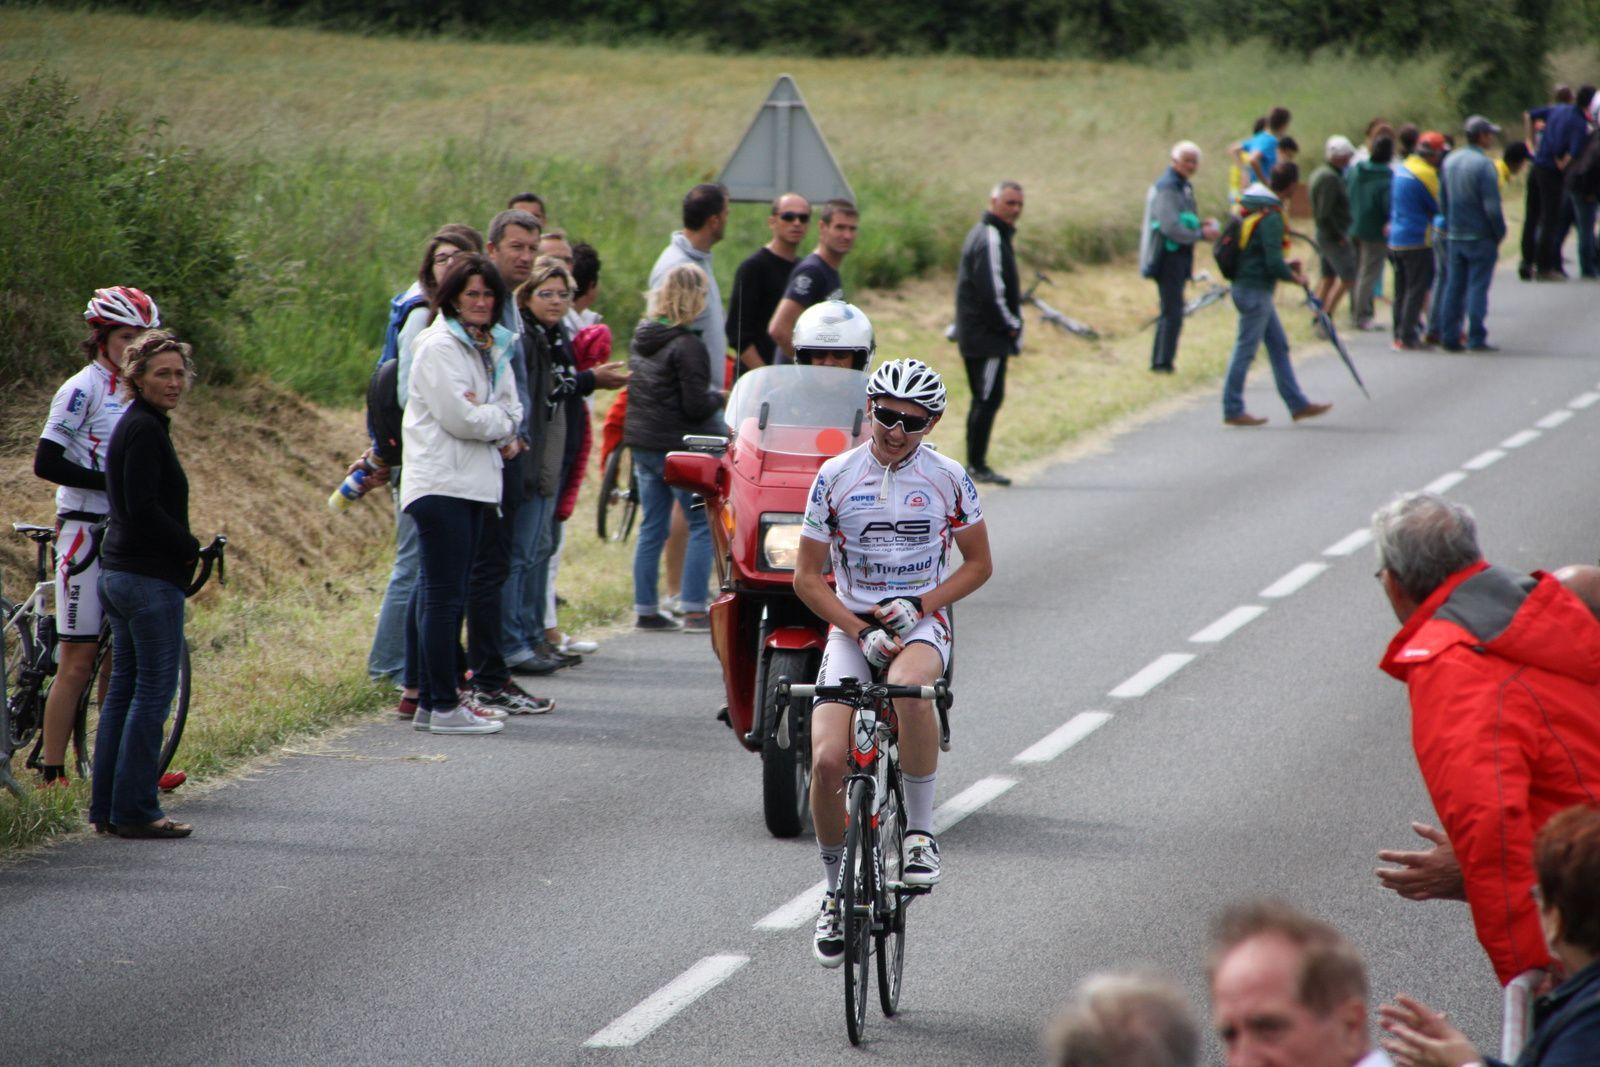 Doublé  pour  la  P  St  Florent  avec  la  2e  place  de  Tom  MAINGUENAUD